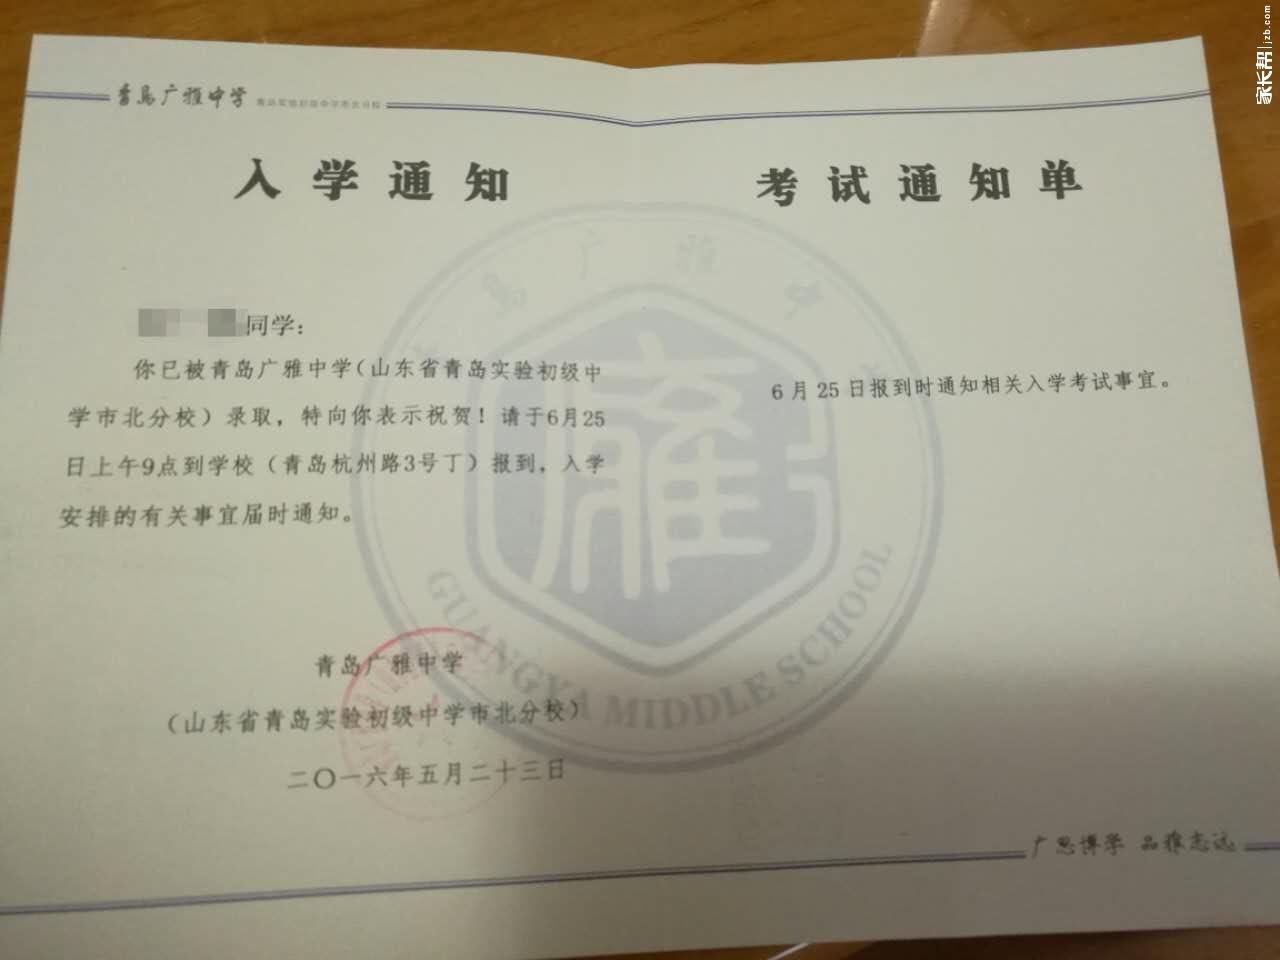 青岛广雅中学2016小升初录取通知书